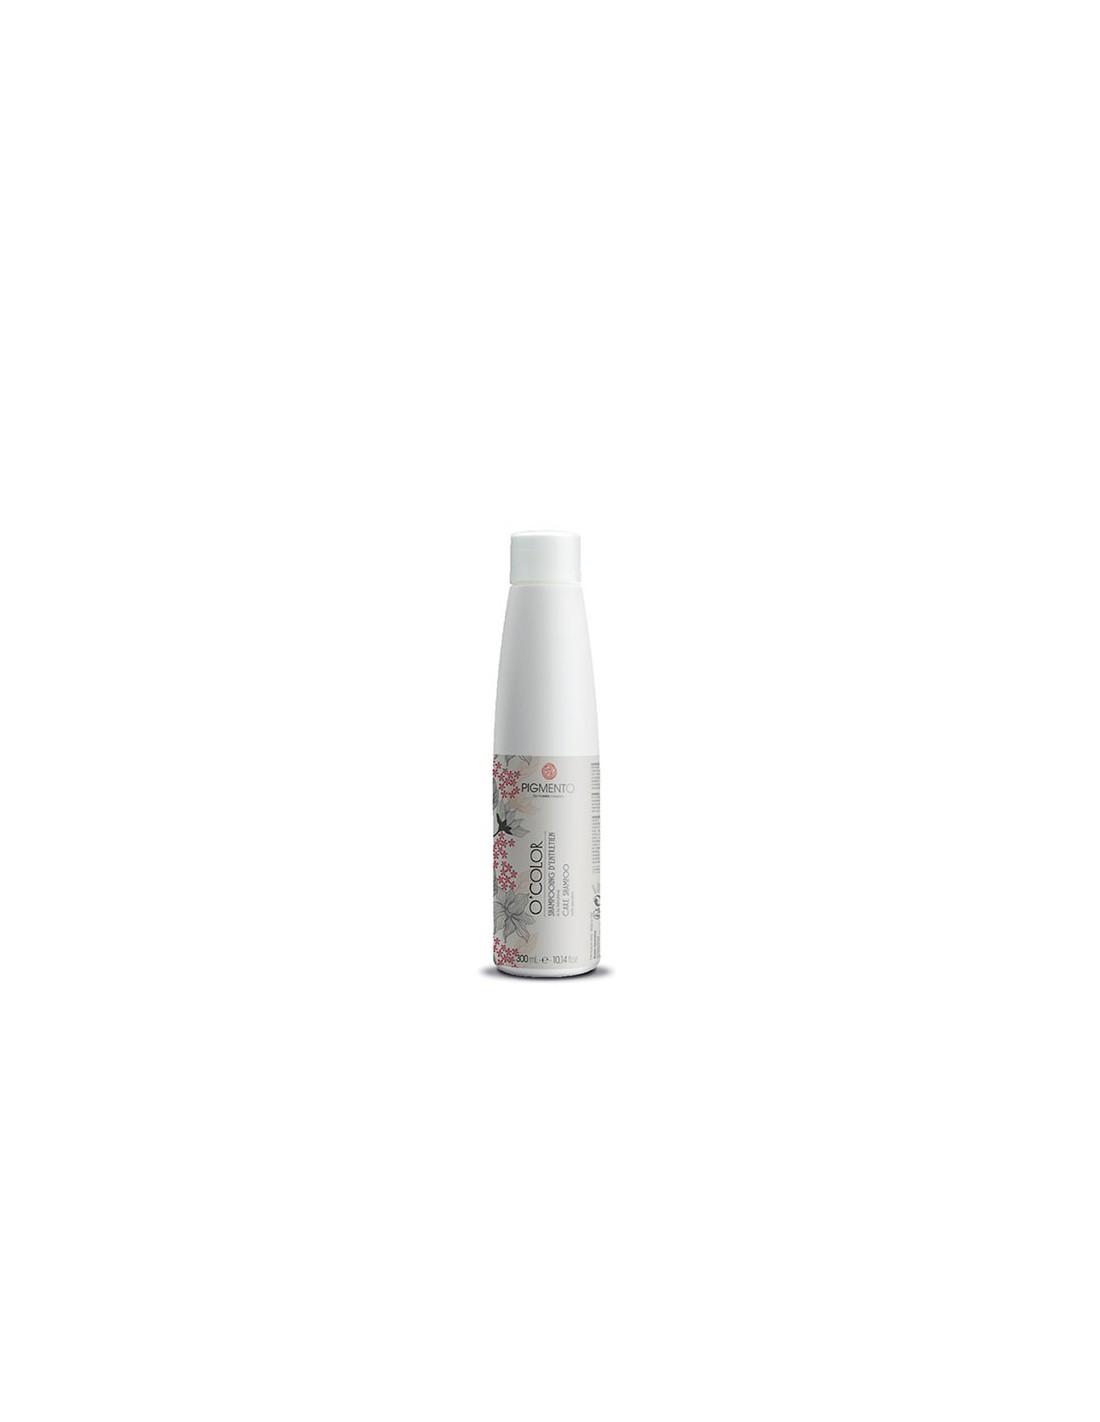 O'COLOR Shampooing Pigmento 300ml